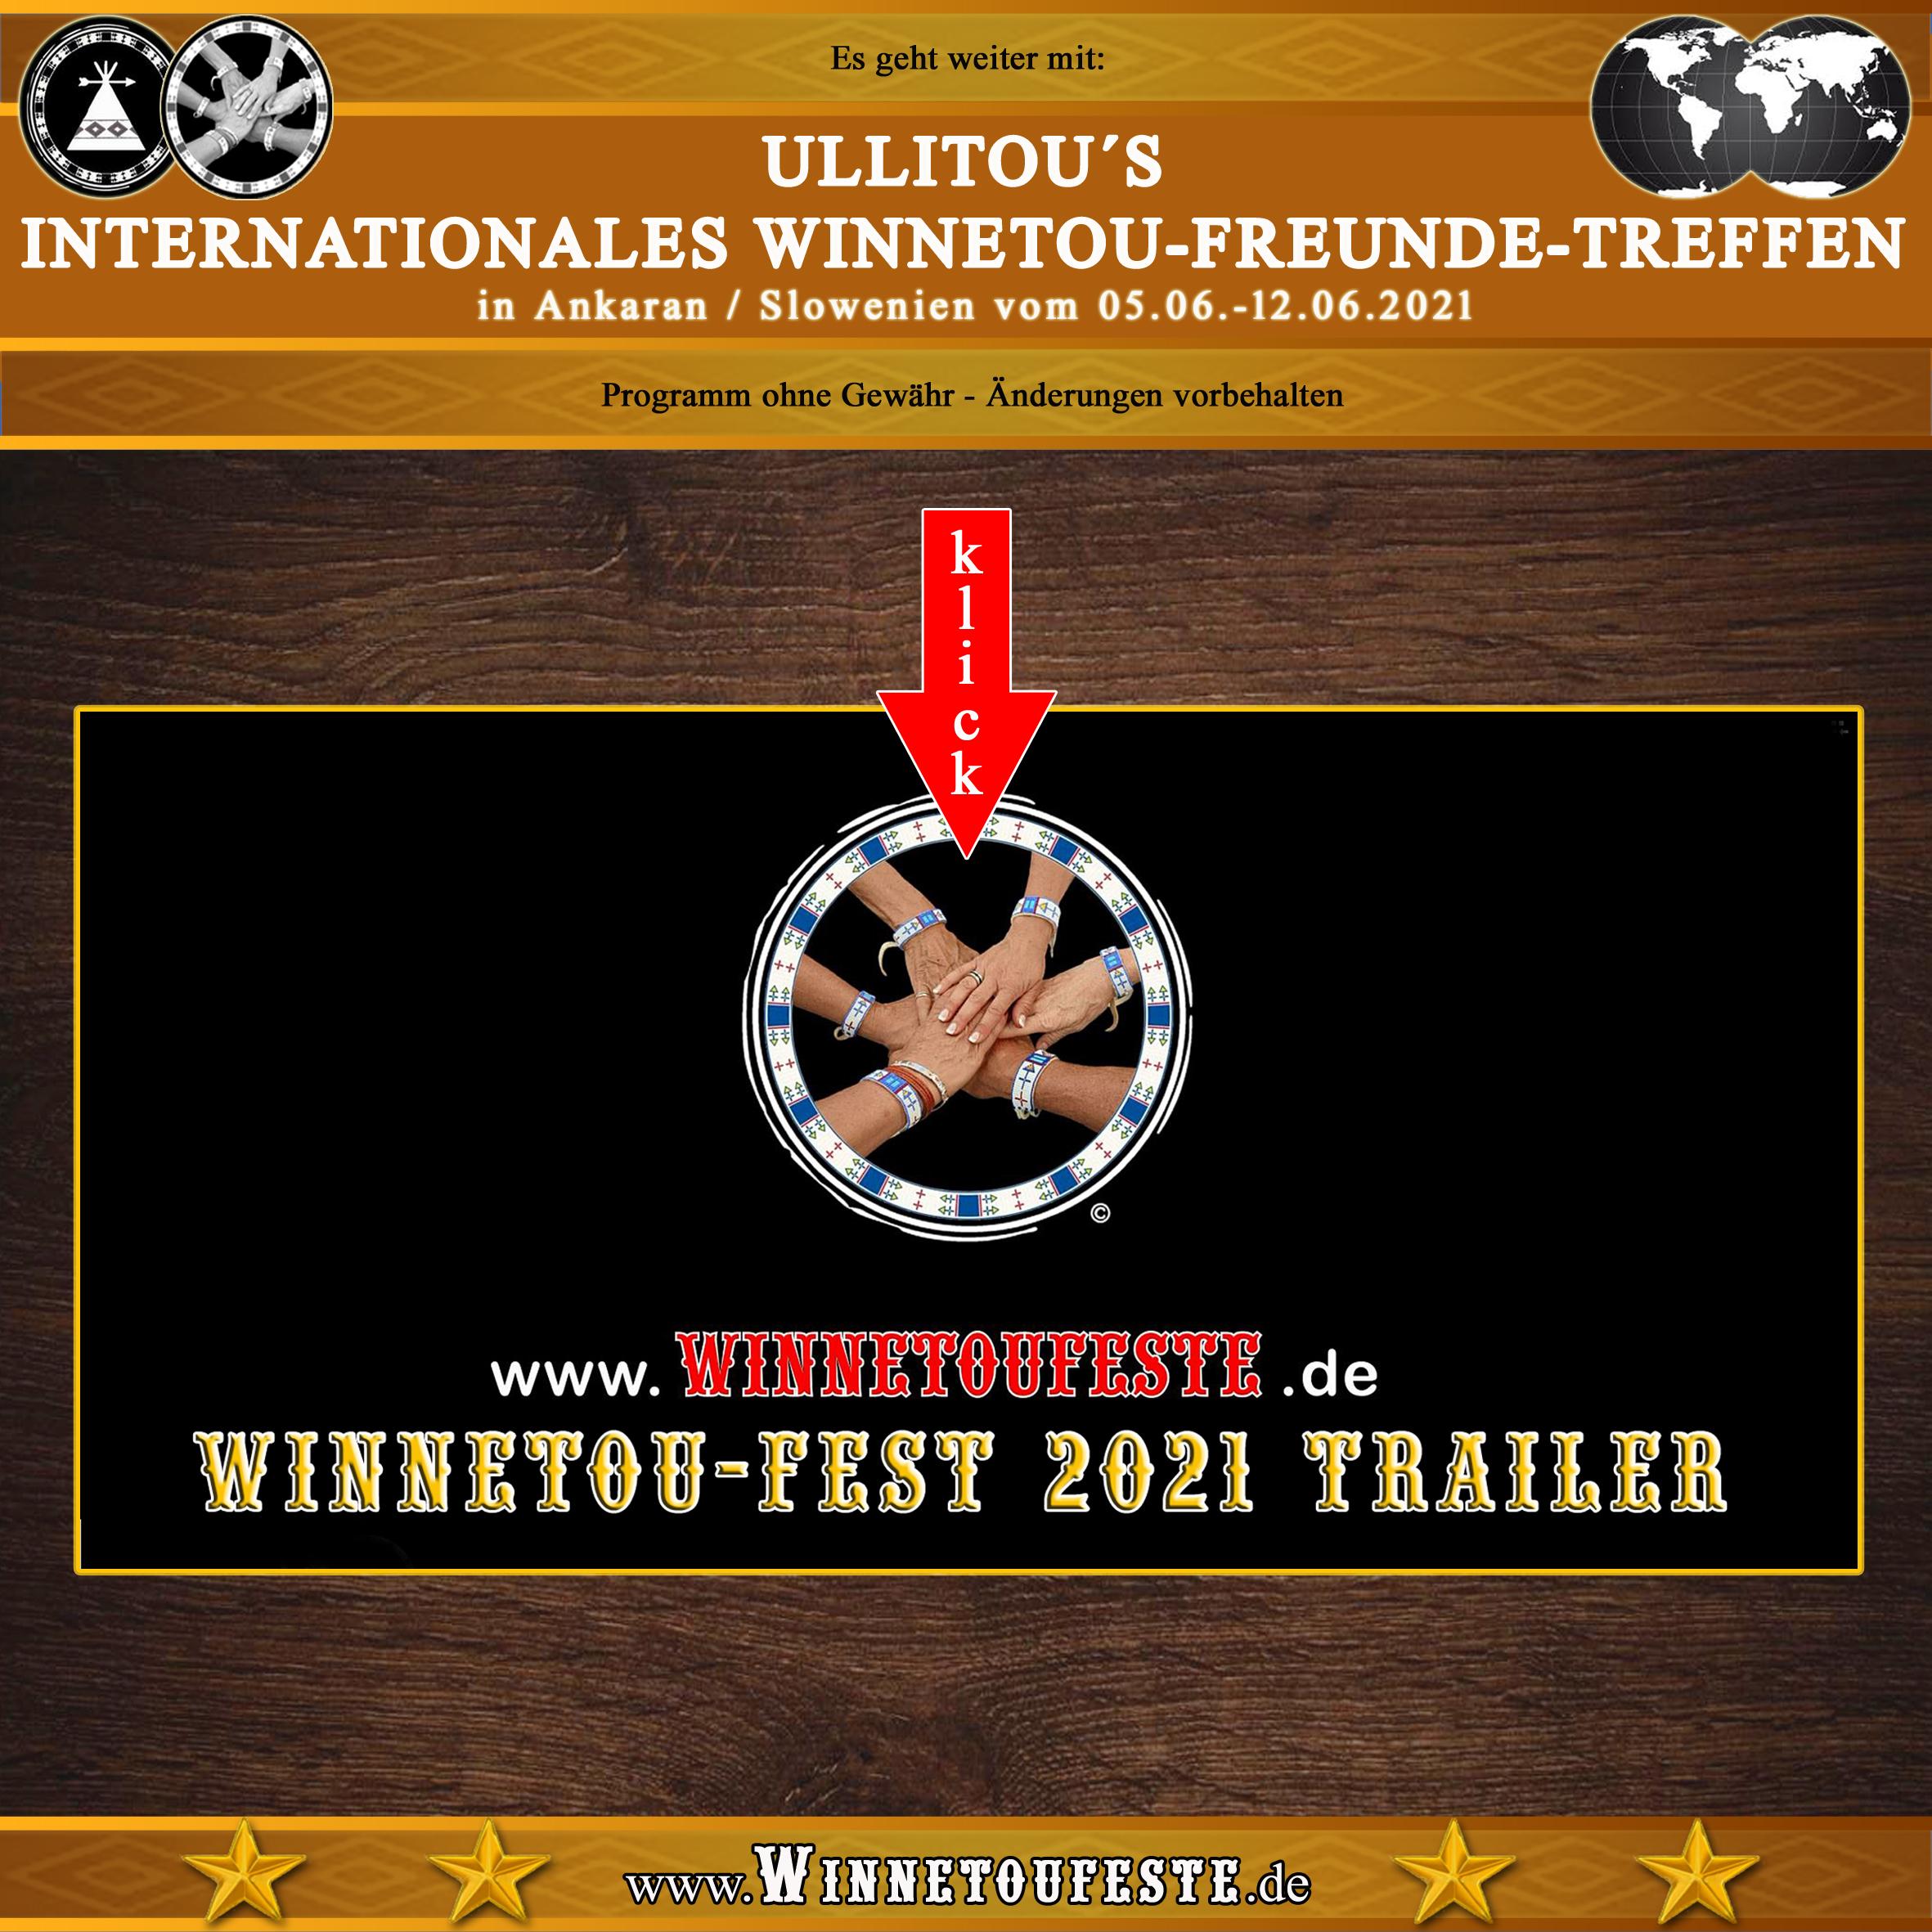 Rauchzeichen 1 / 2021: Winnetou-Fest 2021 Trailer